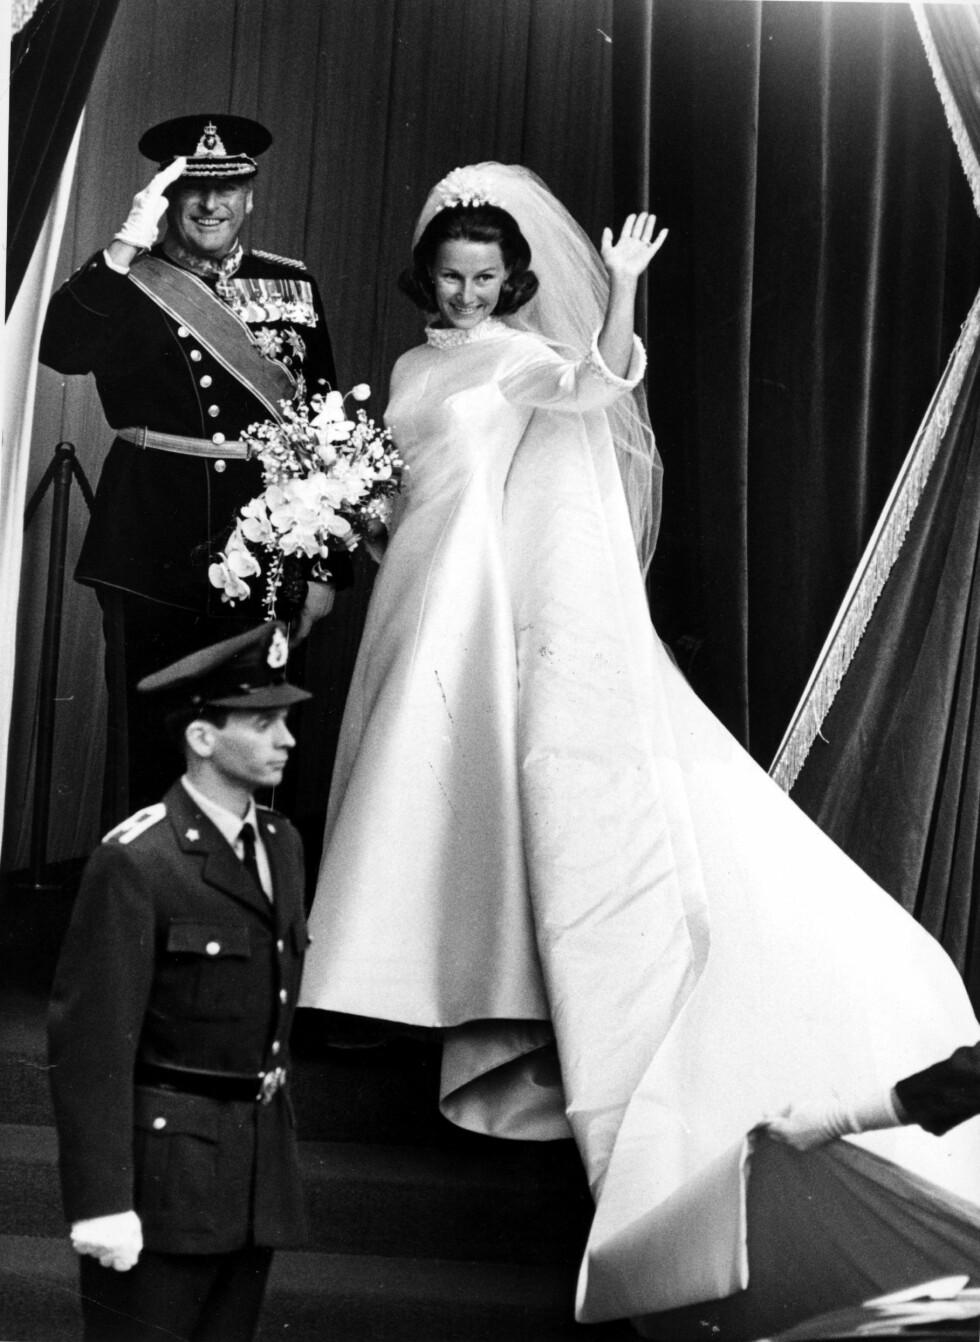 SVIGERDATTER: Kong Olav hadde fått det ærefulle oppdraget med å føre Sonja til alteret. Kongen gjør honnør til folket, mens den kommende kronprinsessen vinker. FOTO: NTB Scanpix